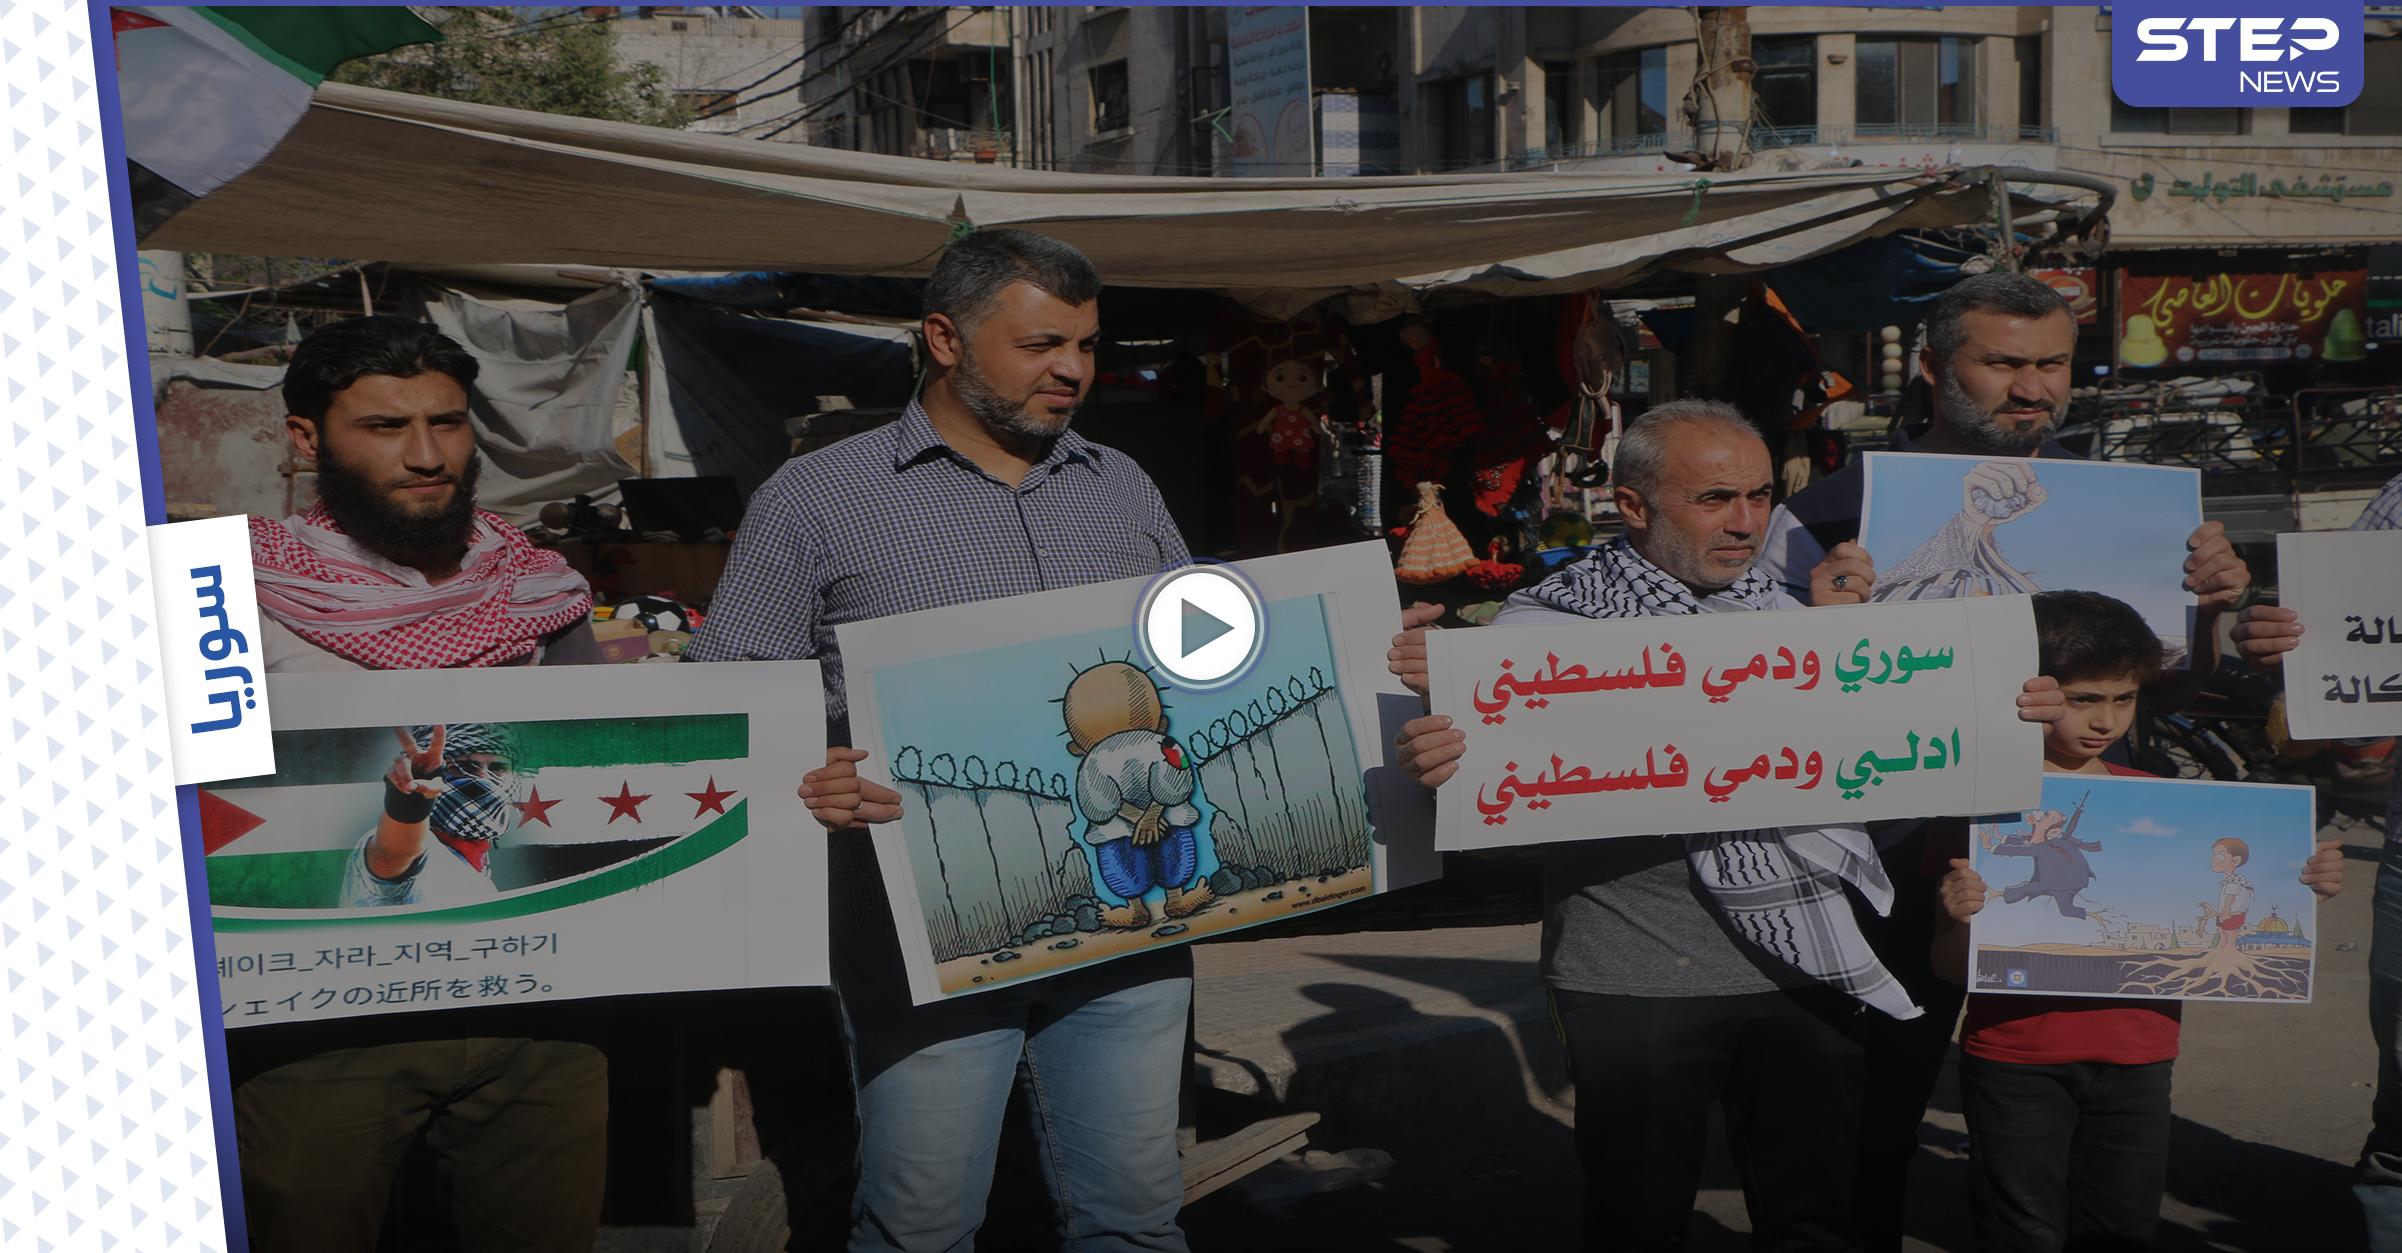 وقفة تضامنية وسط إدلب دعماً لفلسطين